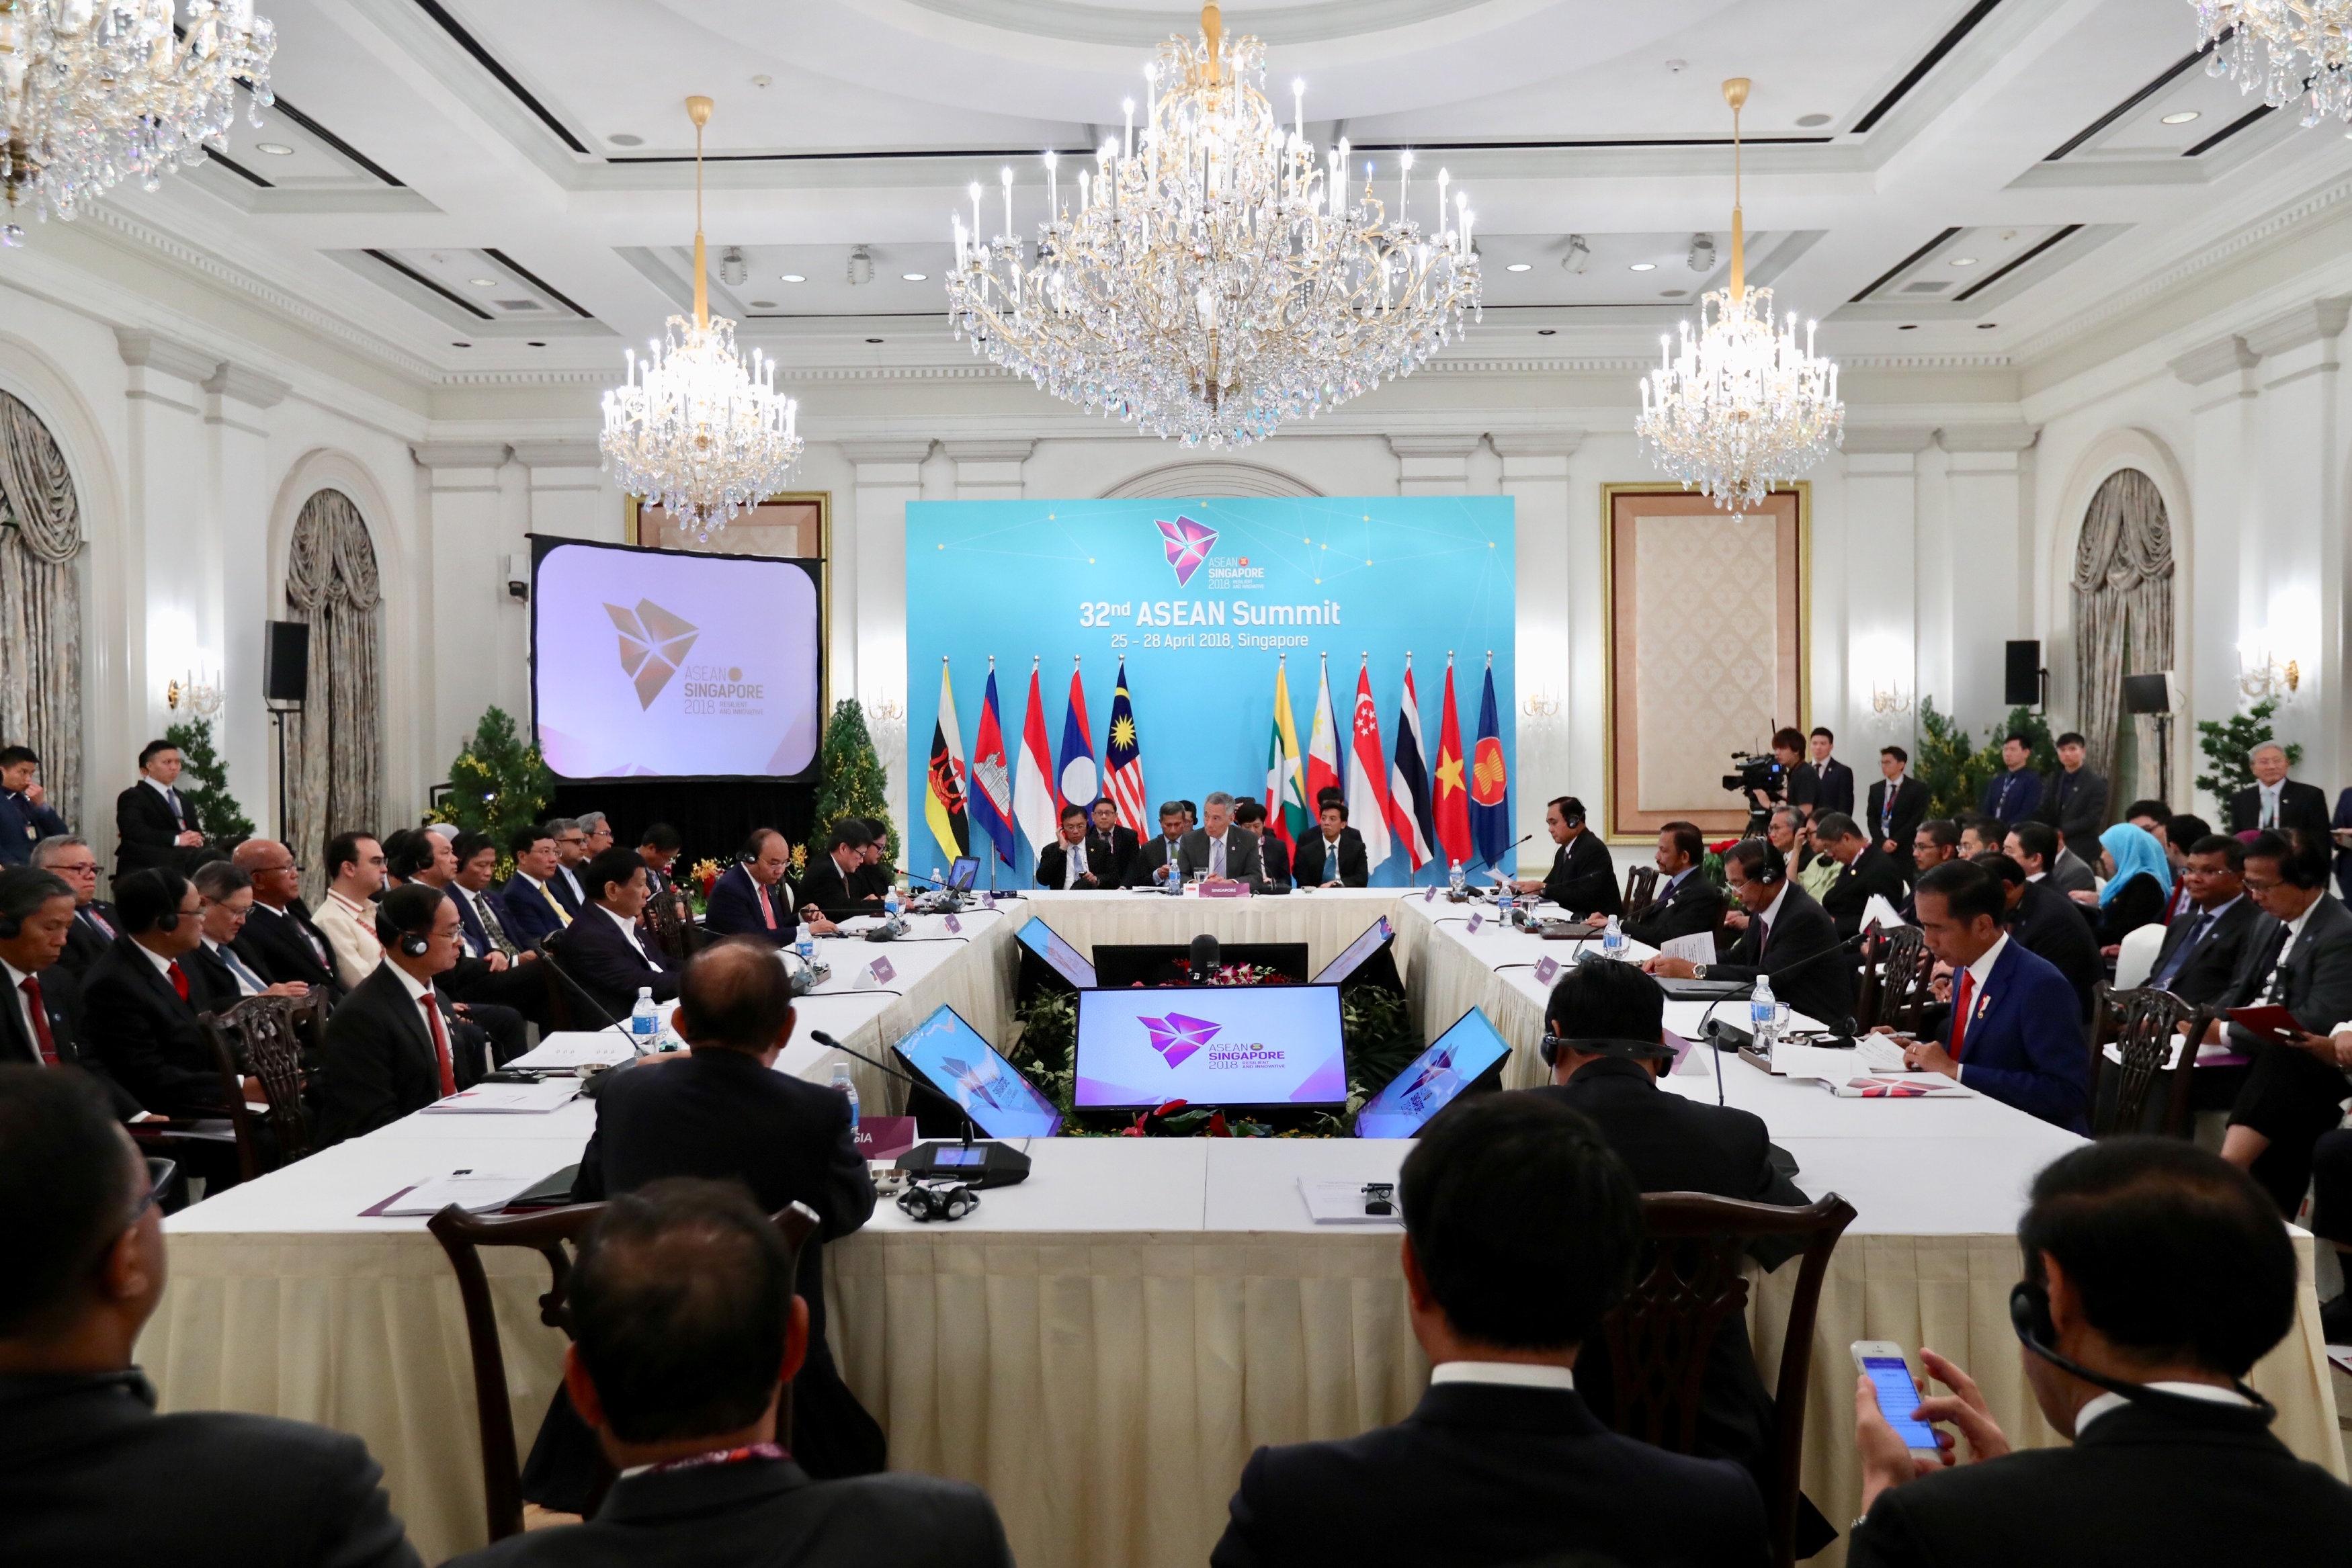 外媒:东盟峰会发表声明强调保持南海和平